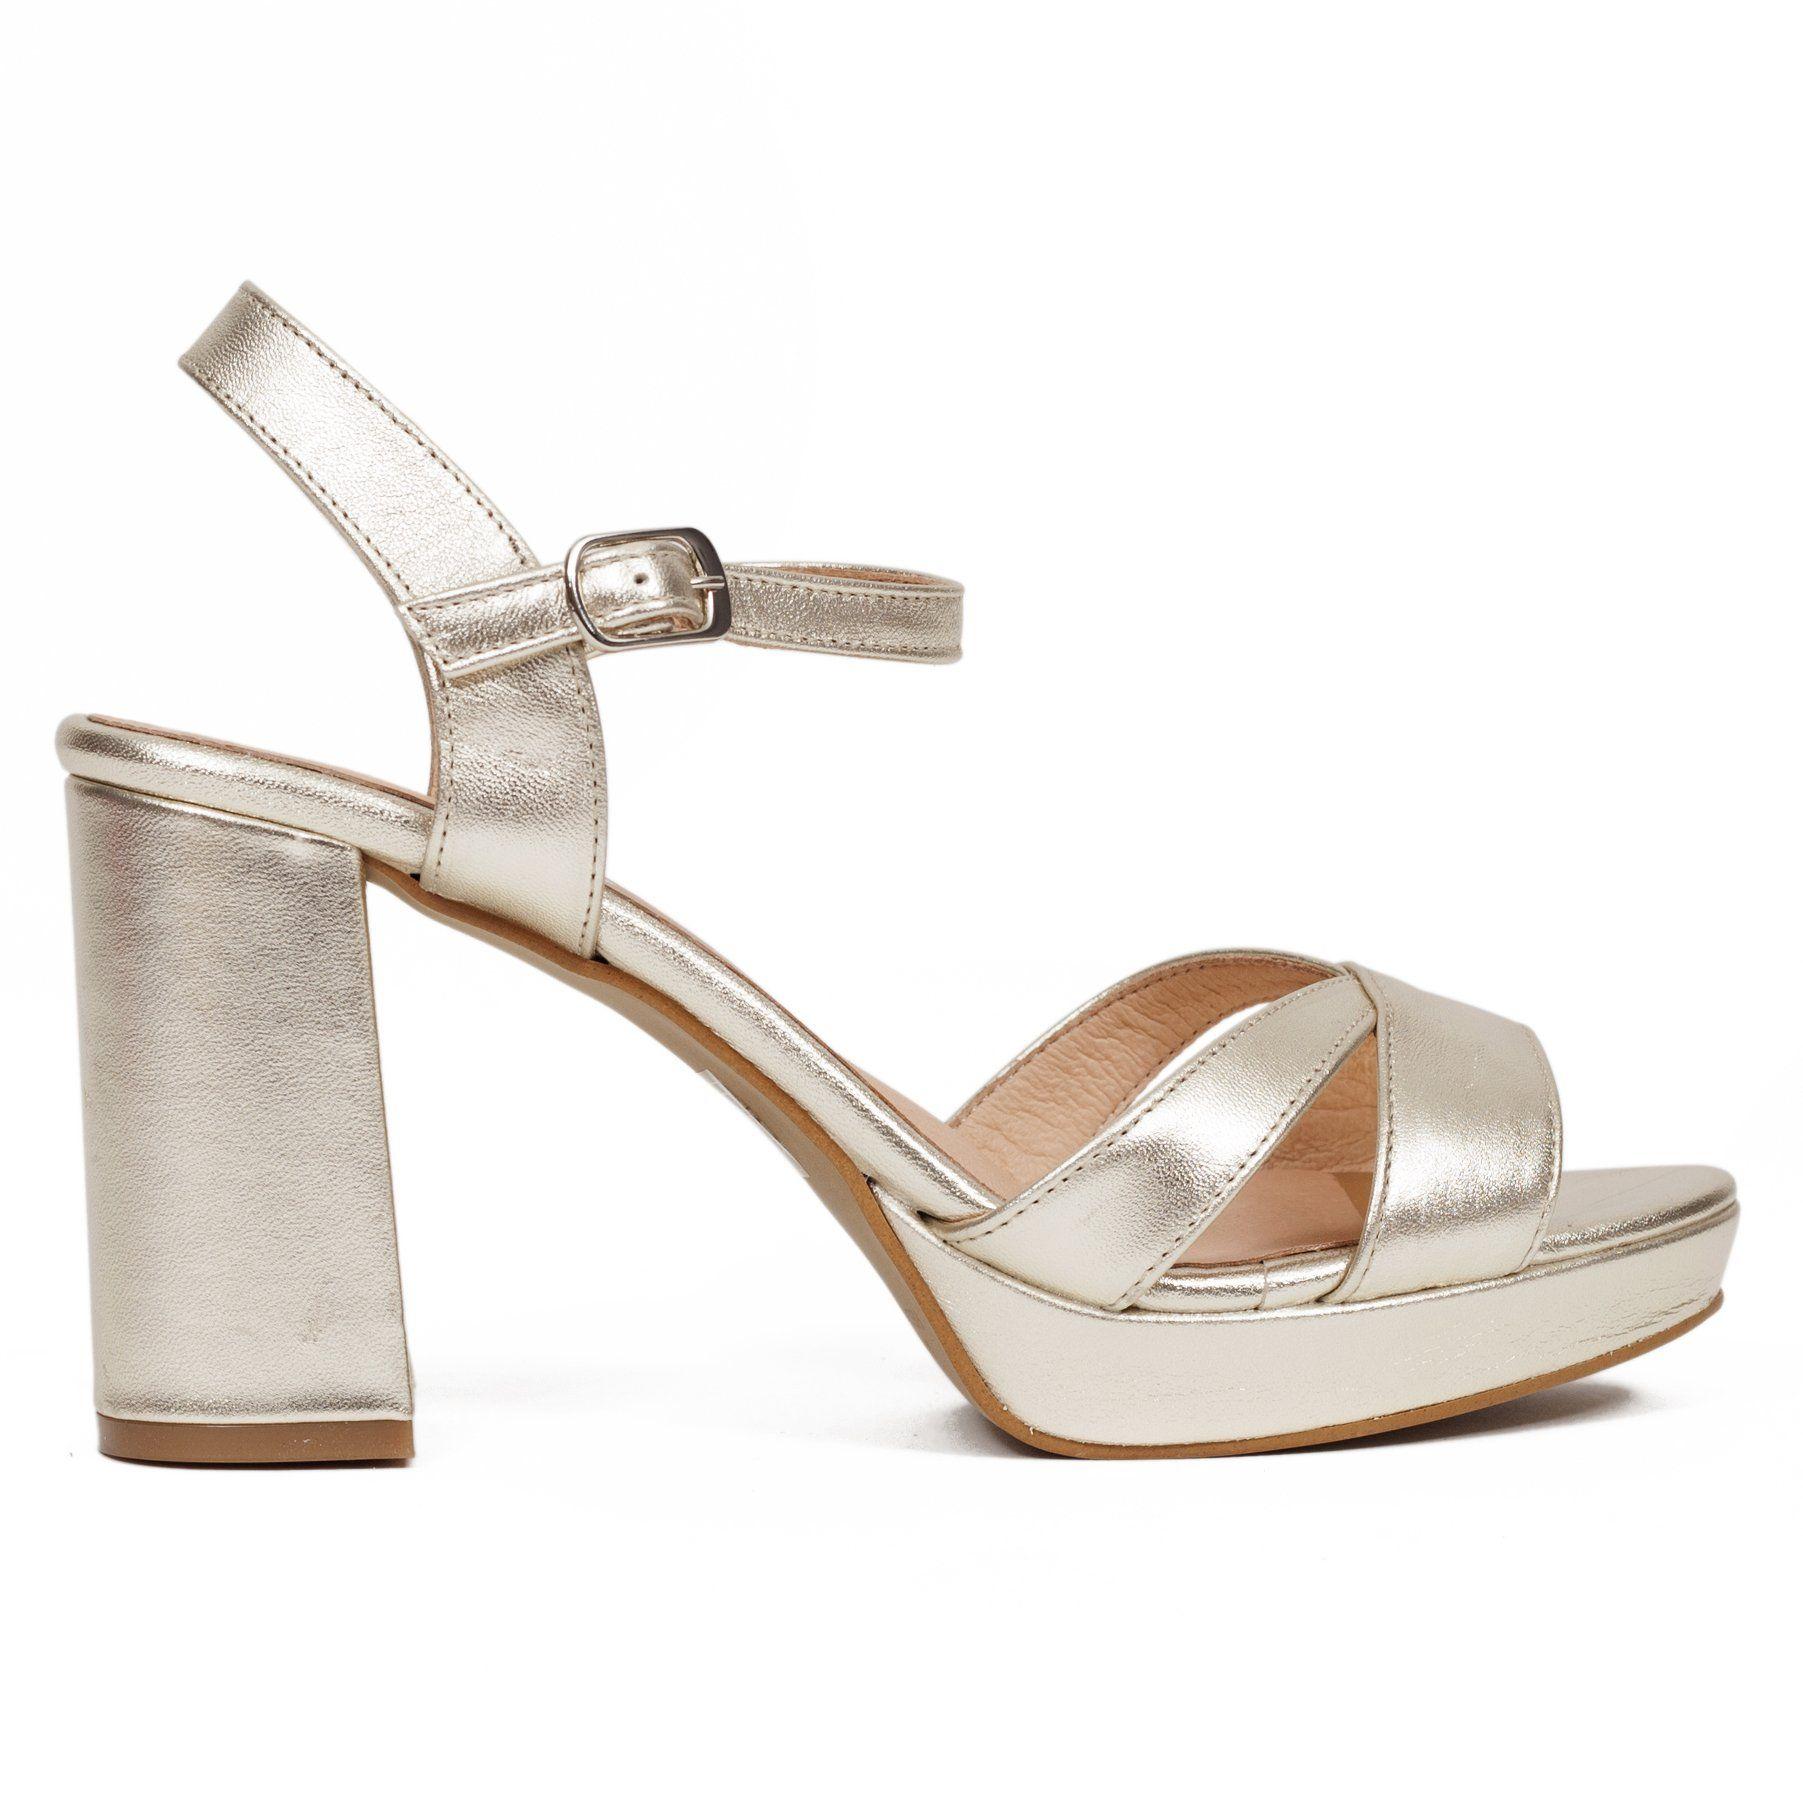 089167cf83b Sandalia plataforma con tiras de piel Dorado - miMaO Spain – miMaO  ShopOnline